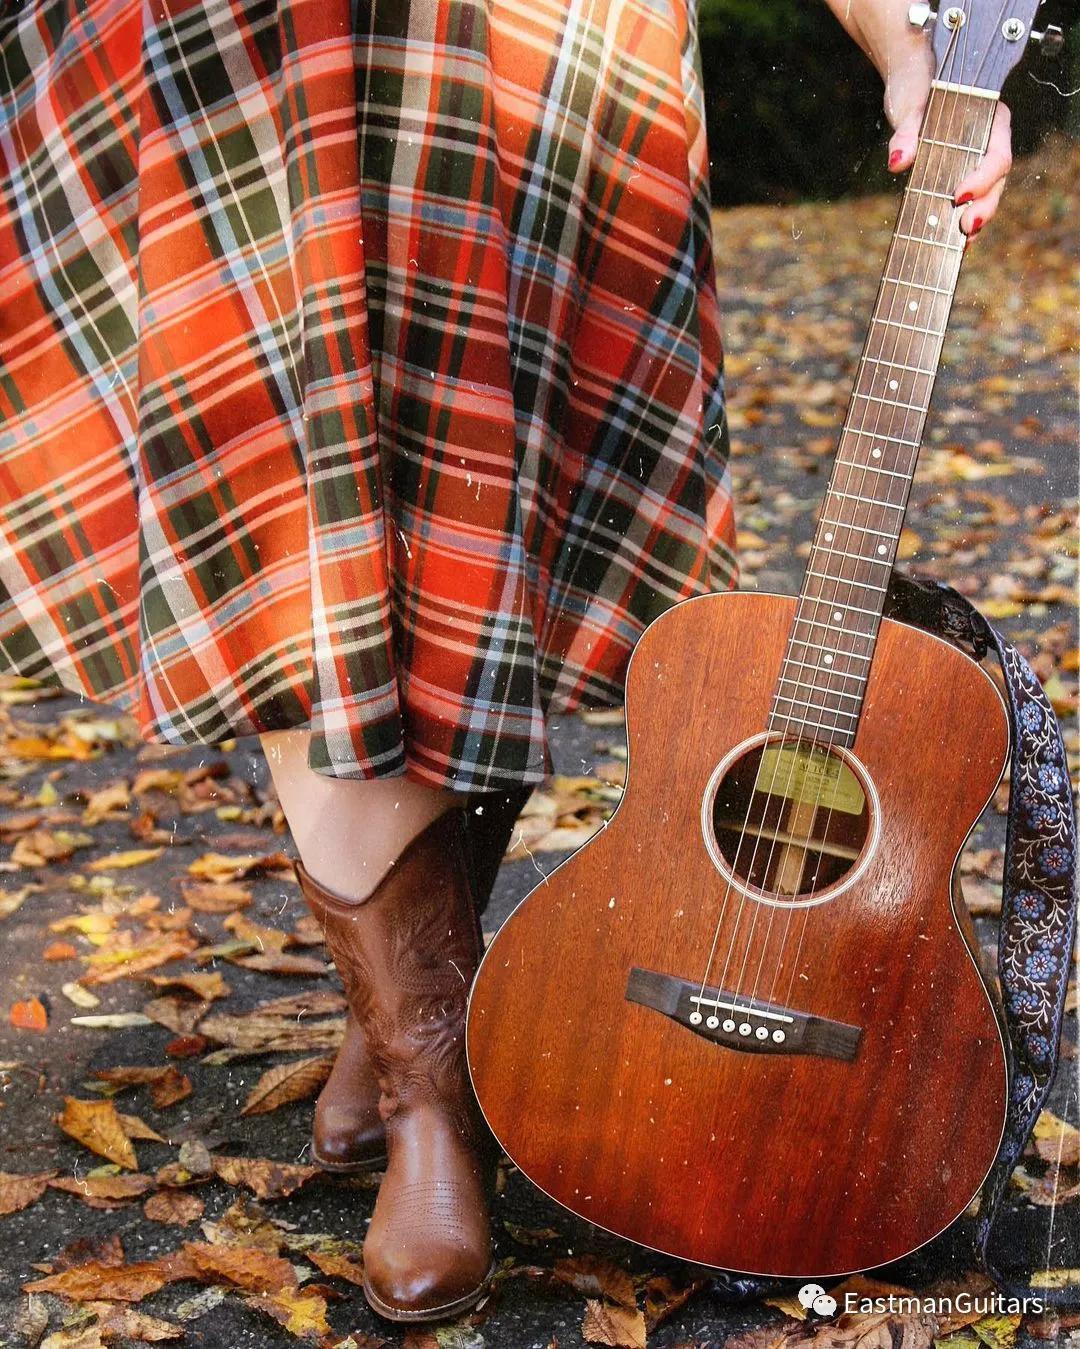 找一首熟悉的歌熟悉的旋律,尝试敲开即兴演奏的那扇门